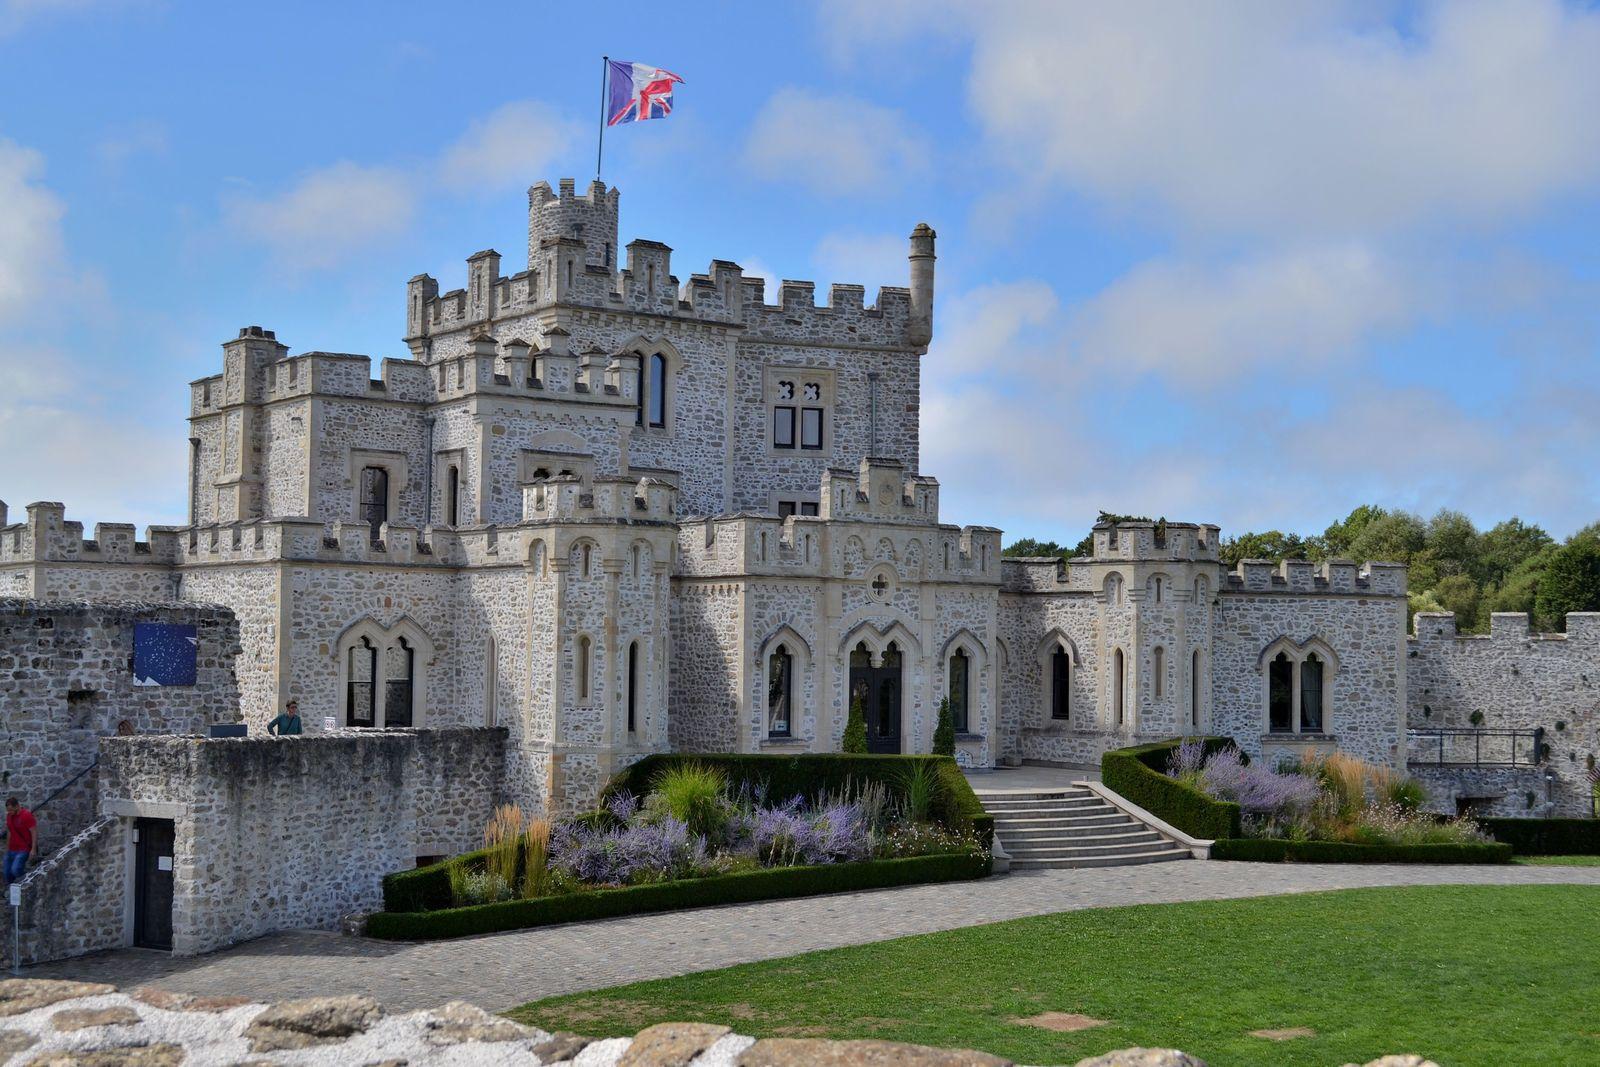 Le château d'Hardelot sur la Côte d'Opale!